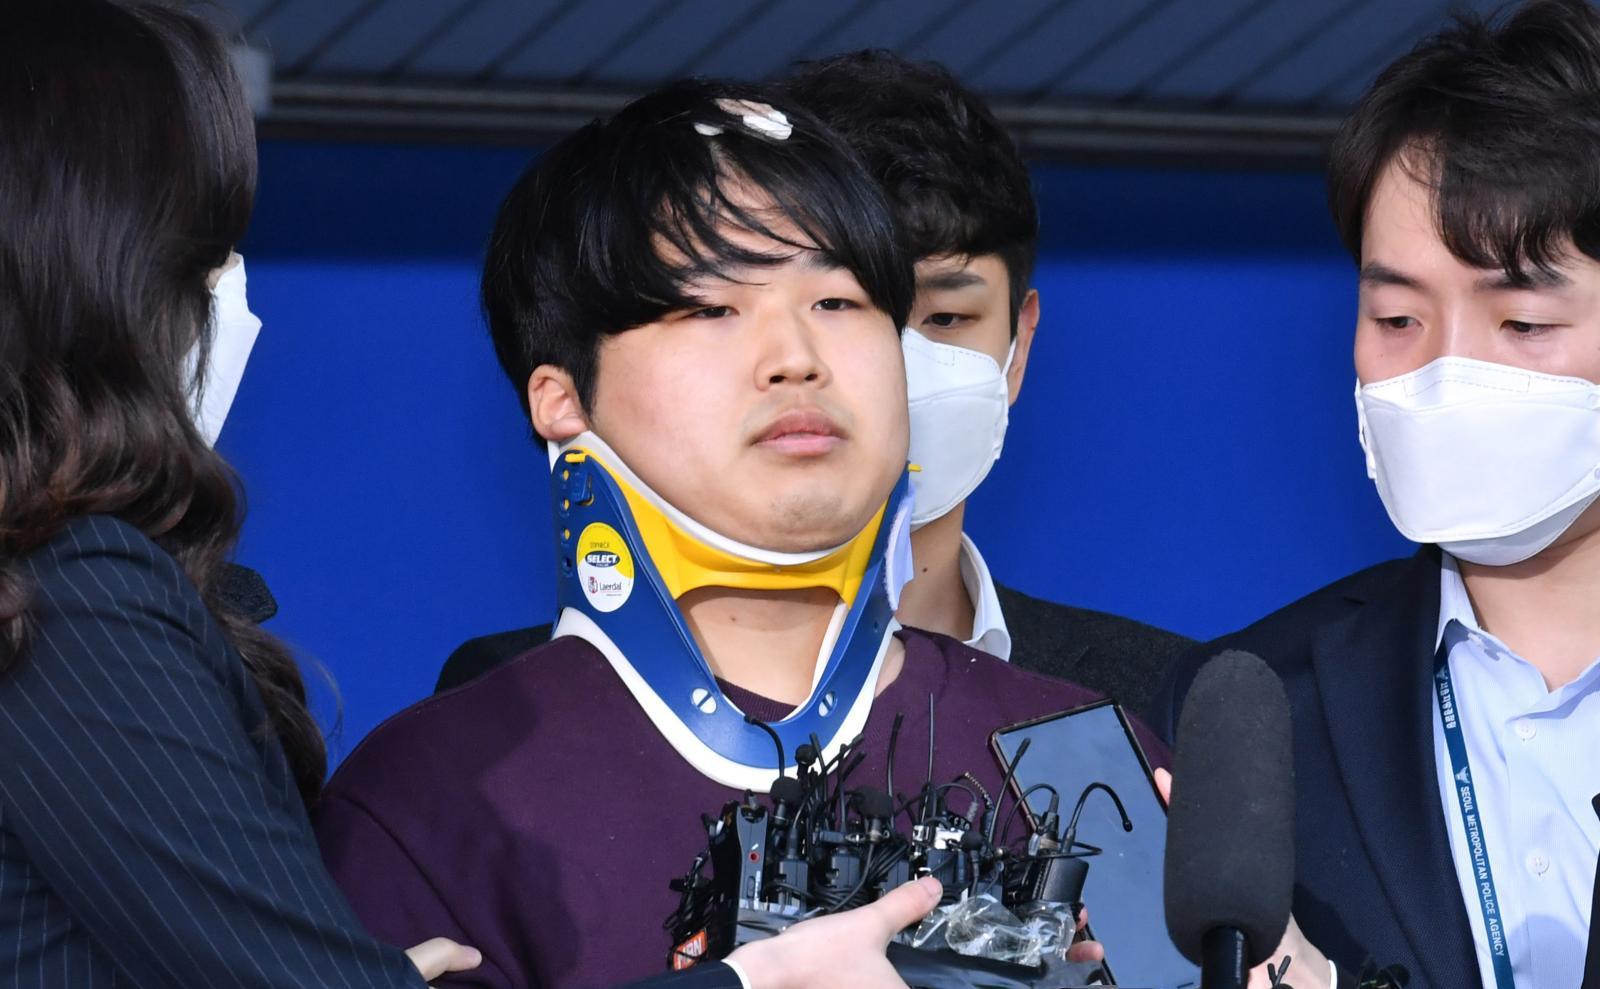 เกาหลีใต้จับหนุ่มขายคลิปอนาจารเด็ก